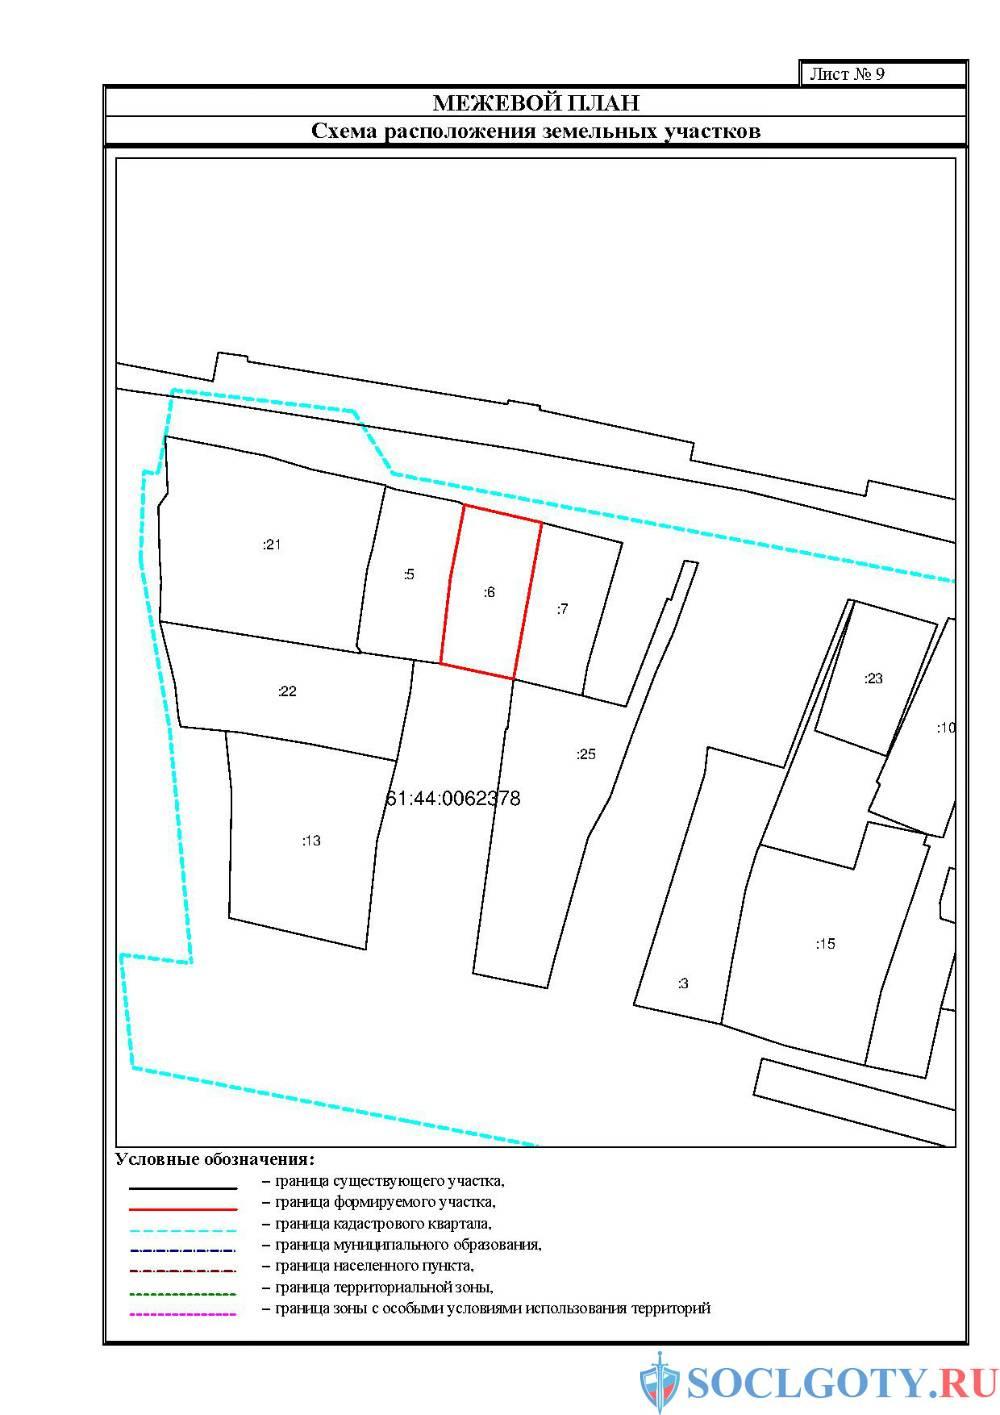 Сколько стоит межевание земельного участка: что включает в себя процедура выноса границ, что влияет на ее стоимость